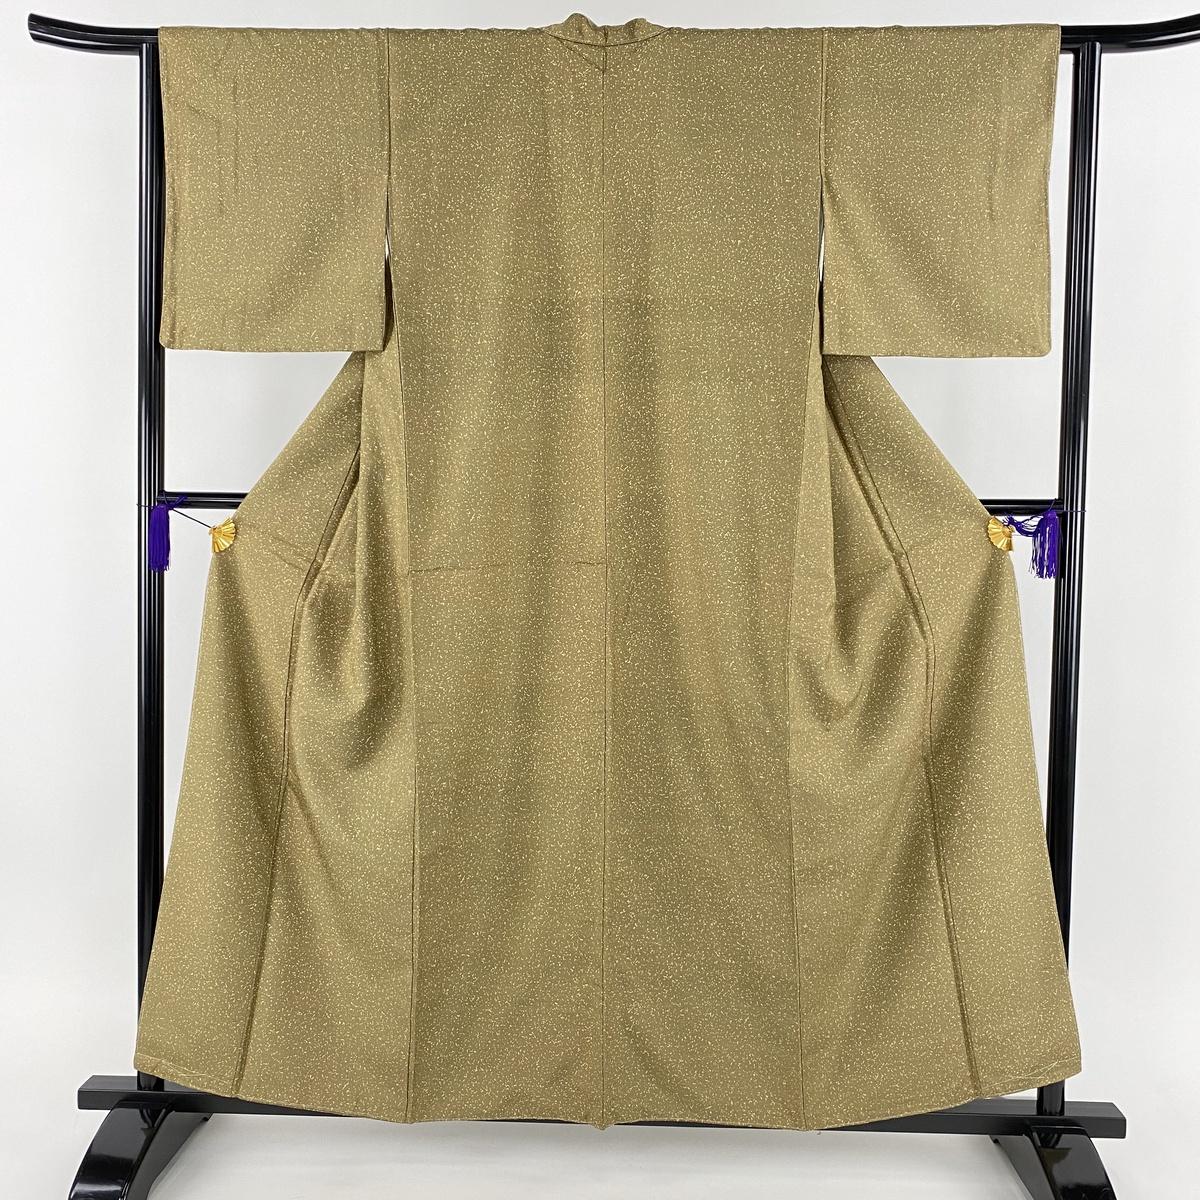 小紋 美品 名品 紬地 幾何学 茶緑色 袷 身丈157cm 裄丈63cm S 正絹 【中古】